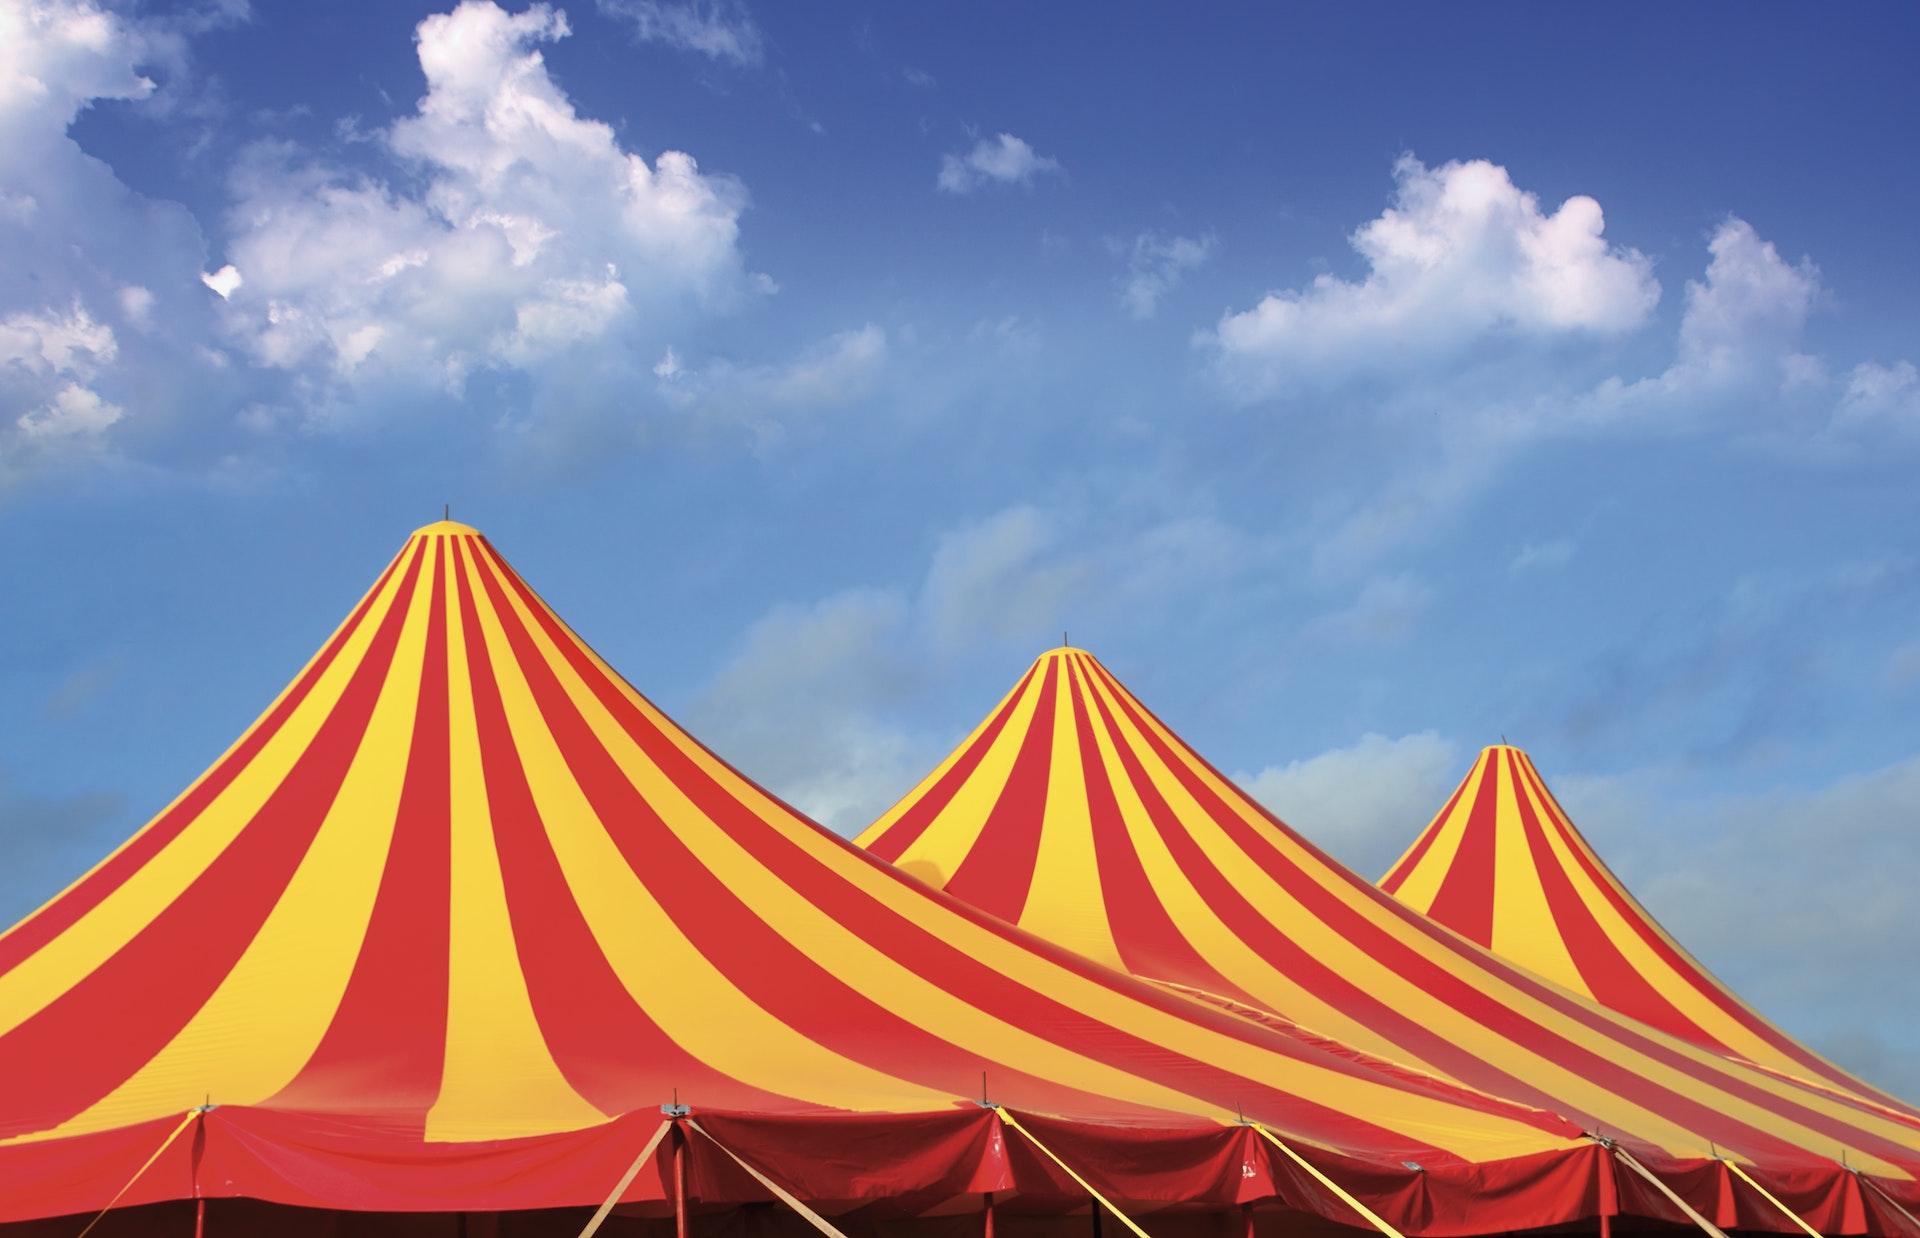 Geniet samen met jouw gezin van een prachtige circusvoorstelling!